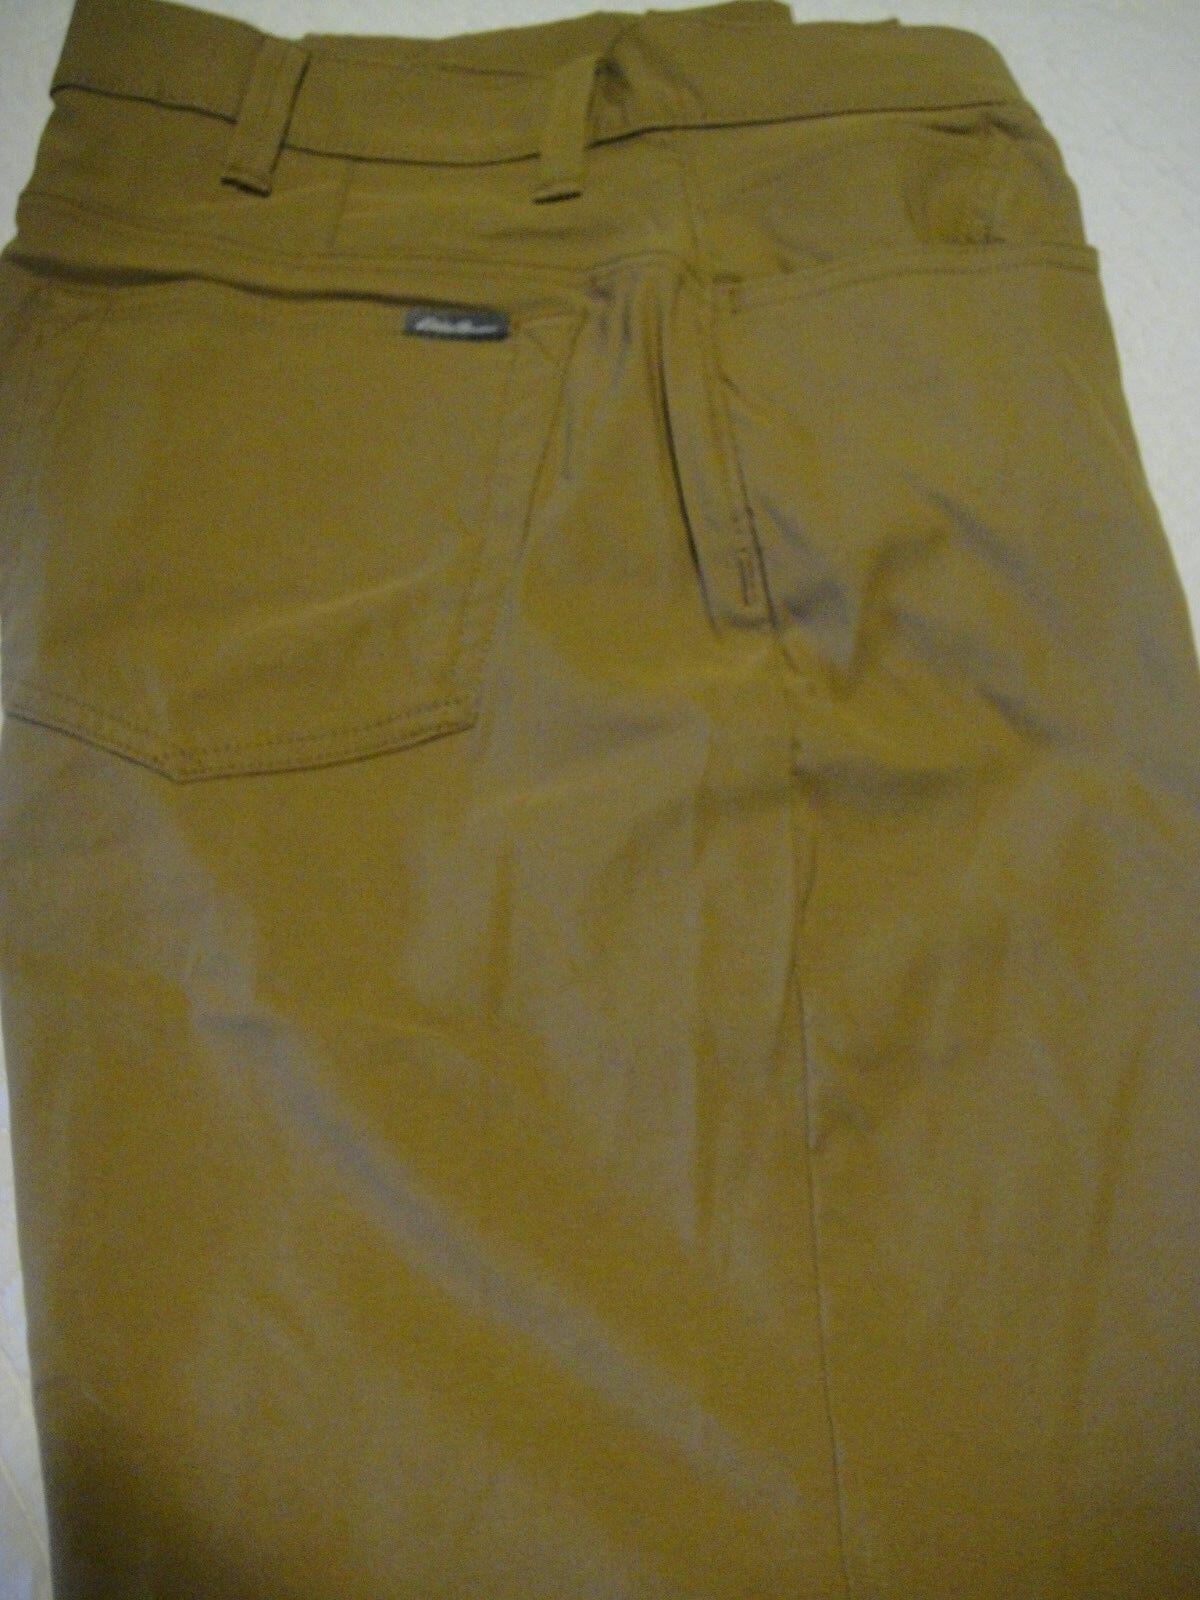 EDDIE BAUER TRAVEX PANTS 36 X 30 BROWNISH gold